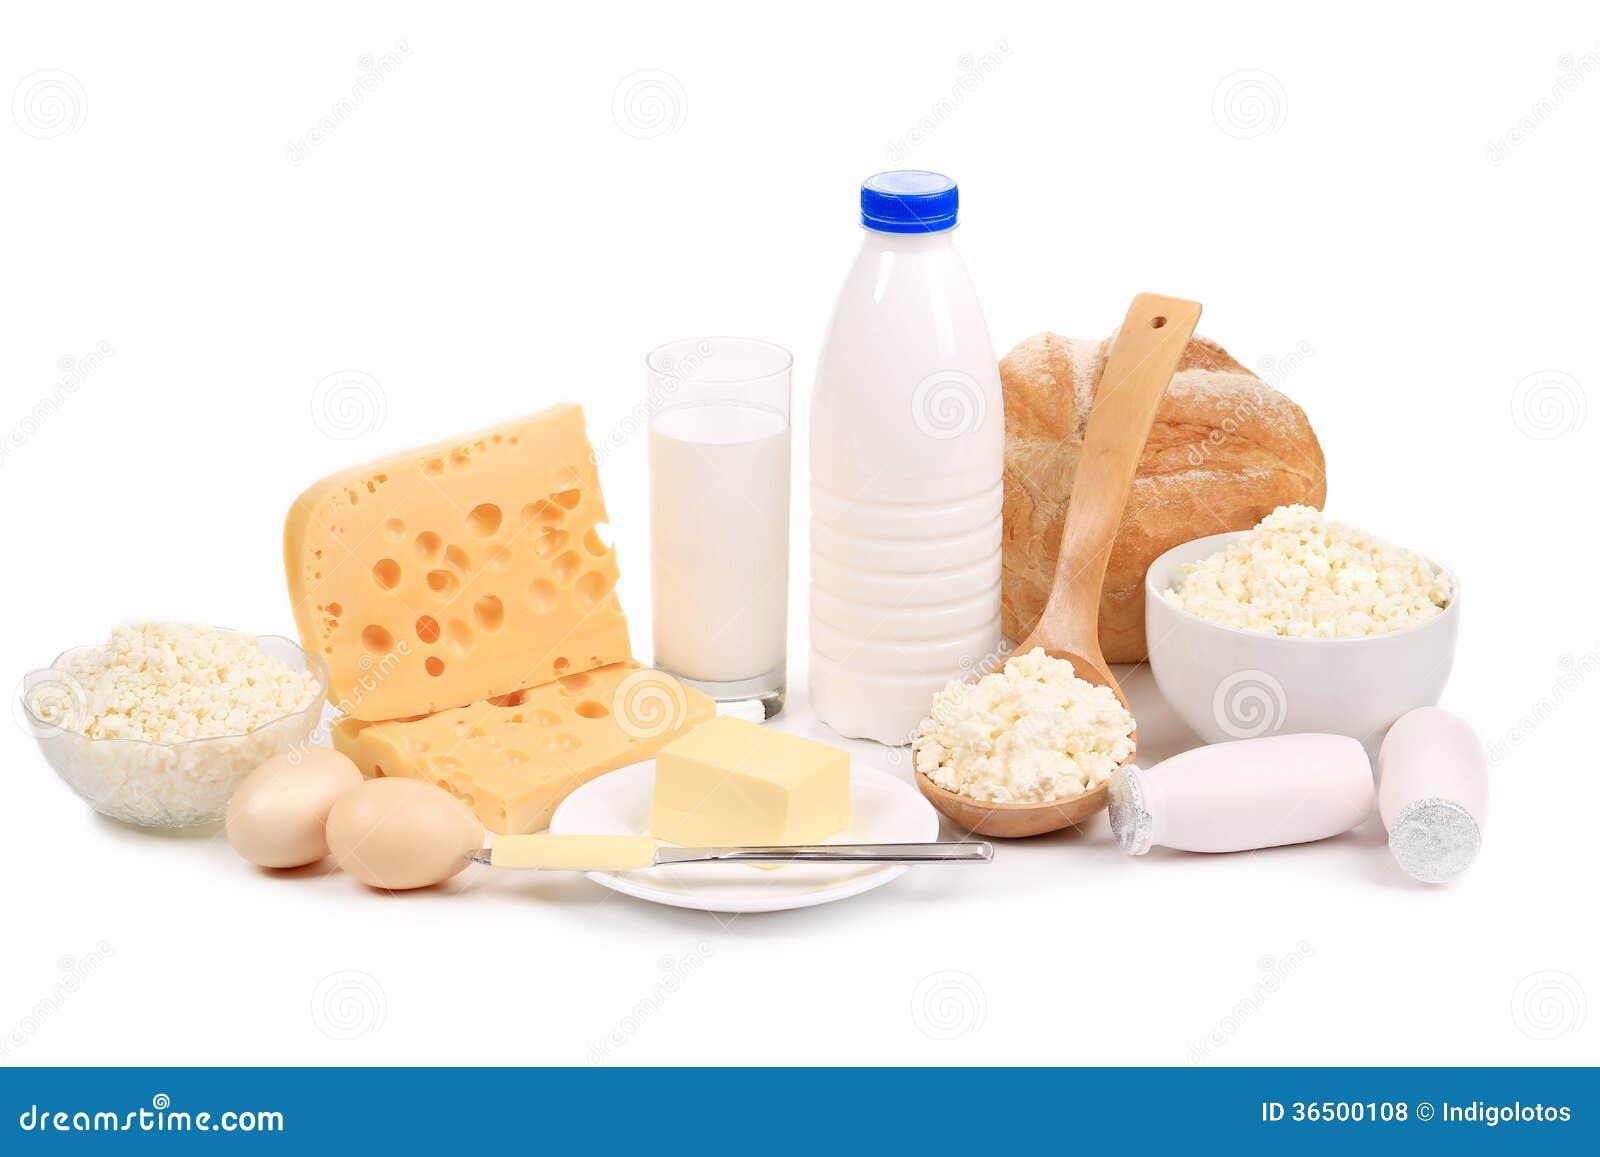 Здоровый состав завтрака.